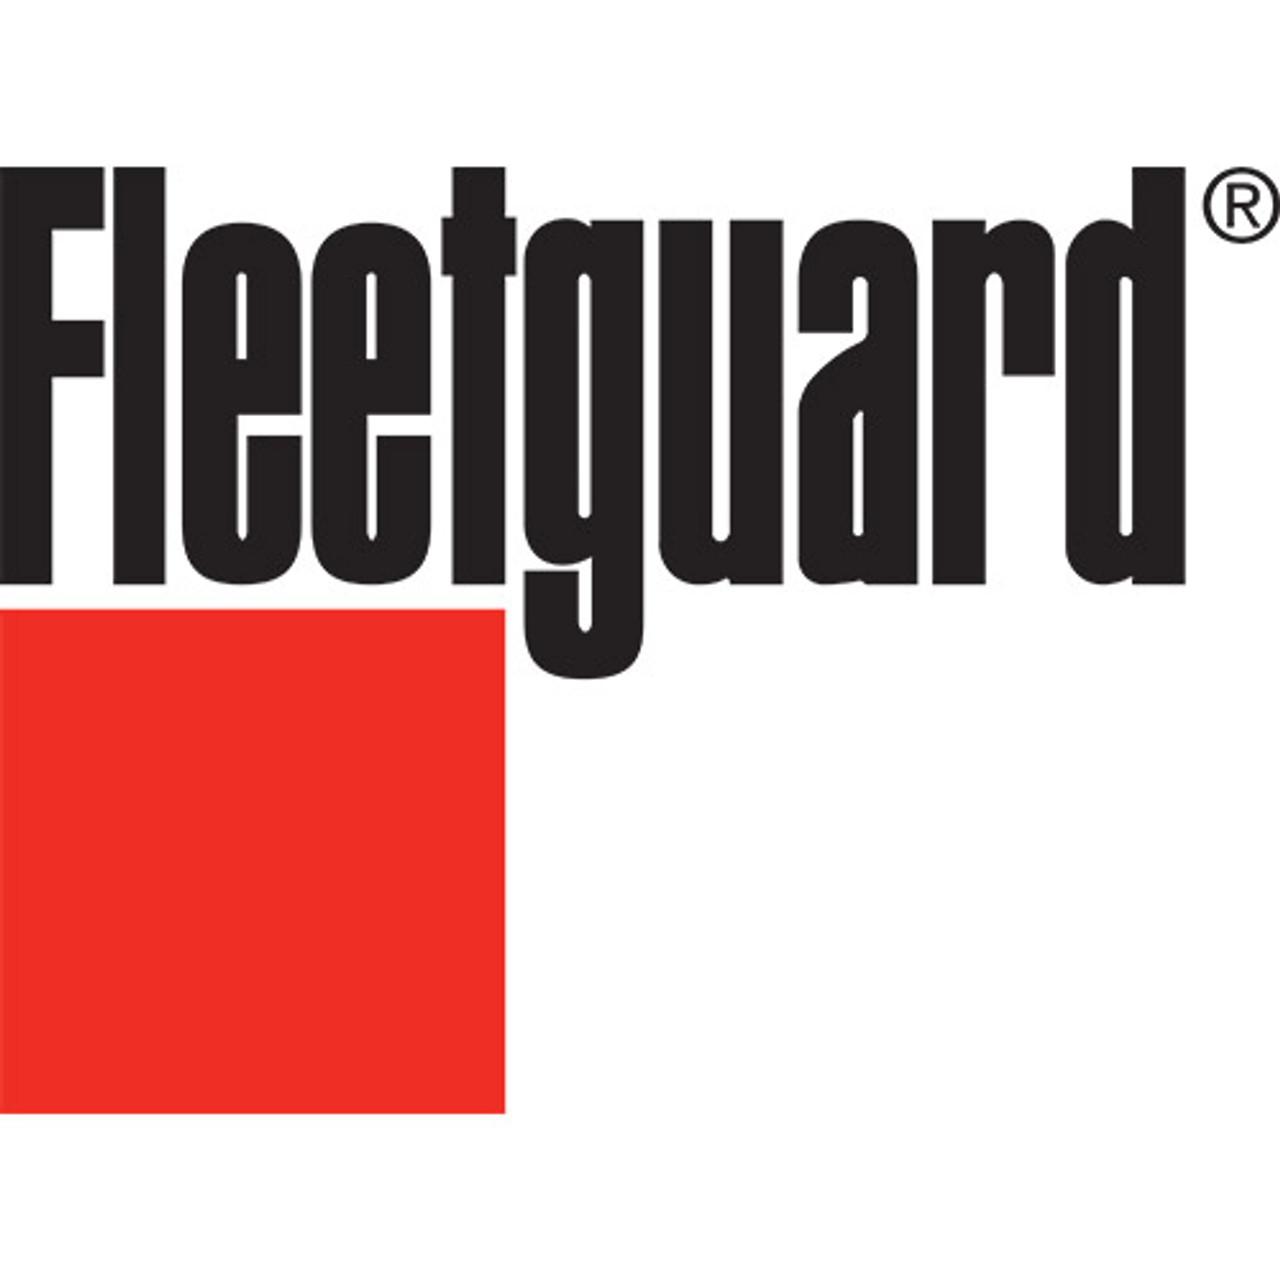 (Case of 1)  AA2961 Fleetguard Air Filter Kit (Primary AF25810 + Secundary AF25811)